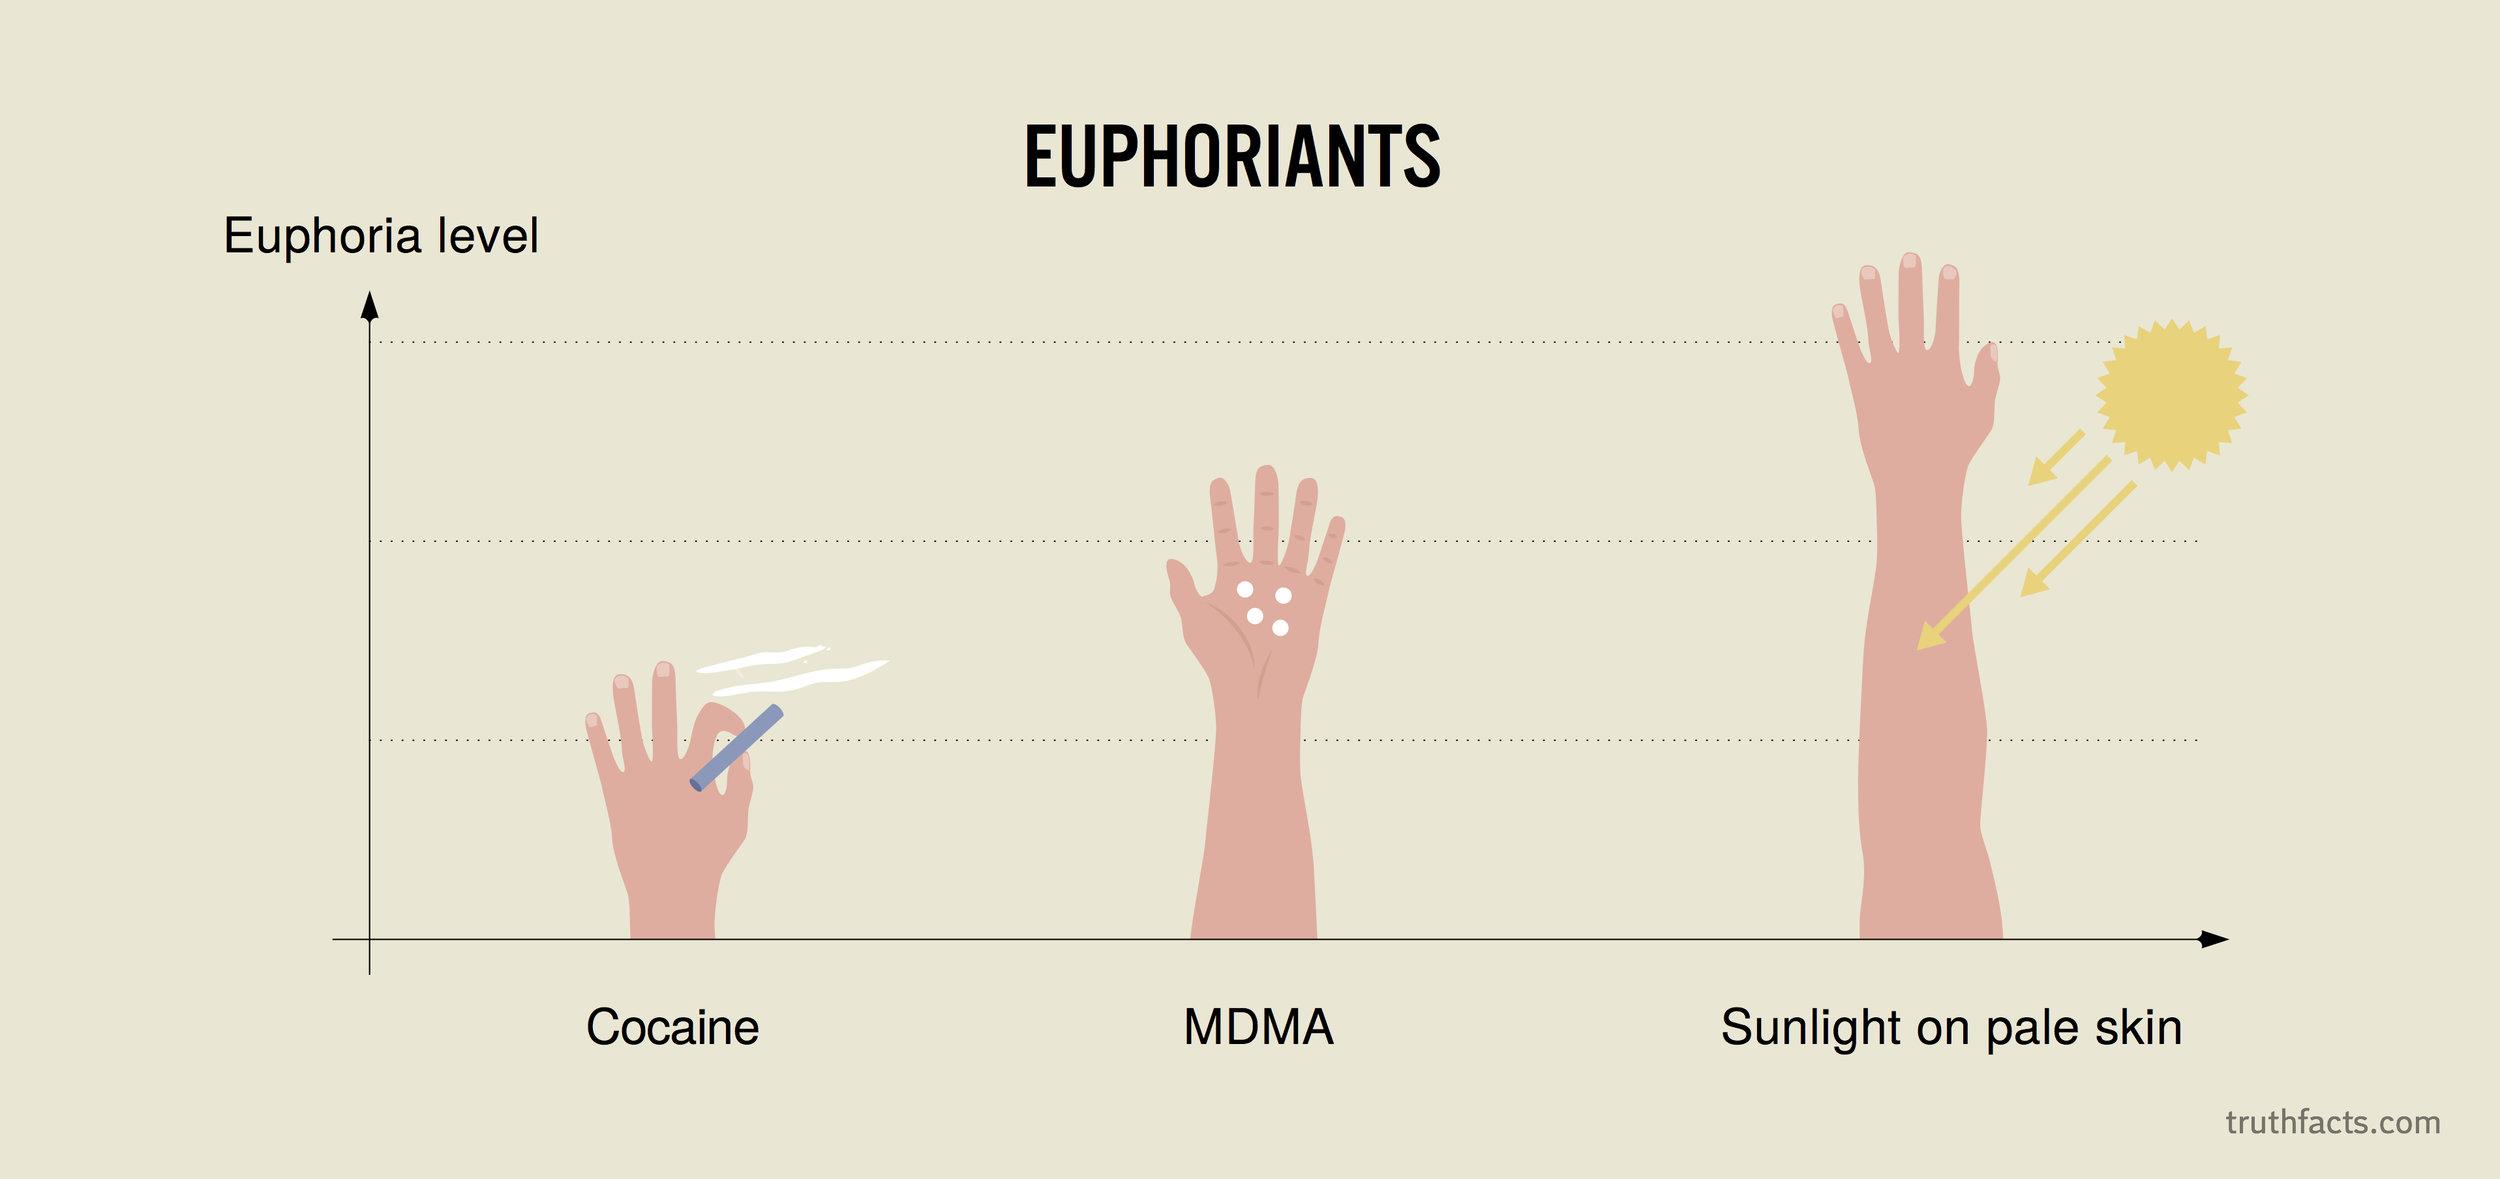 Euphoriants